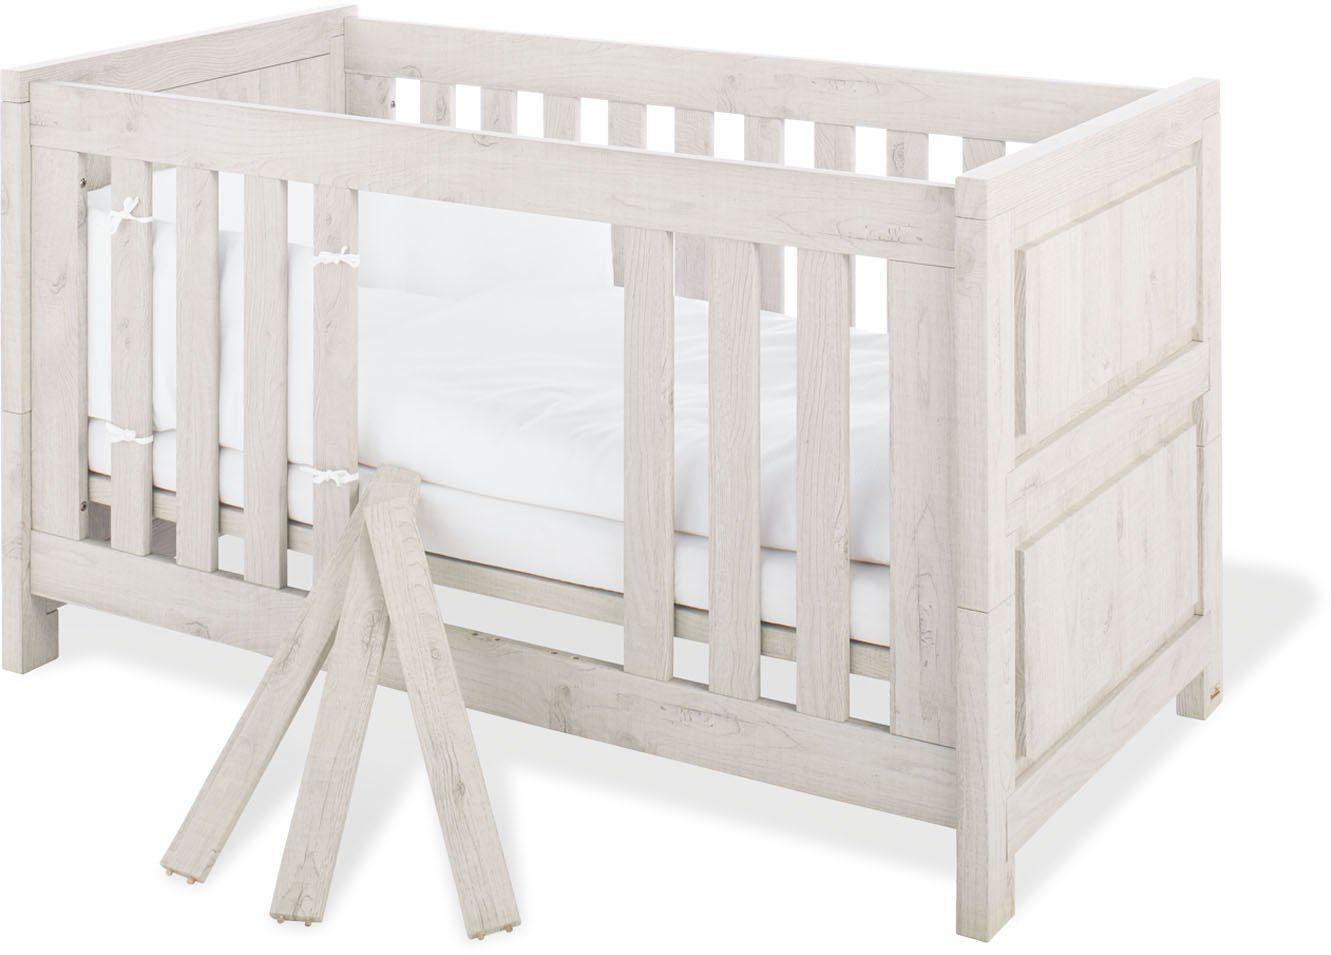 Günstige babybetten kaufen reduziert im sale otto